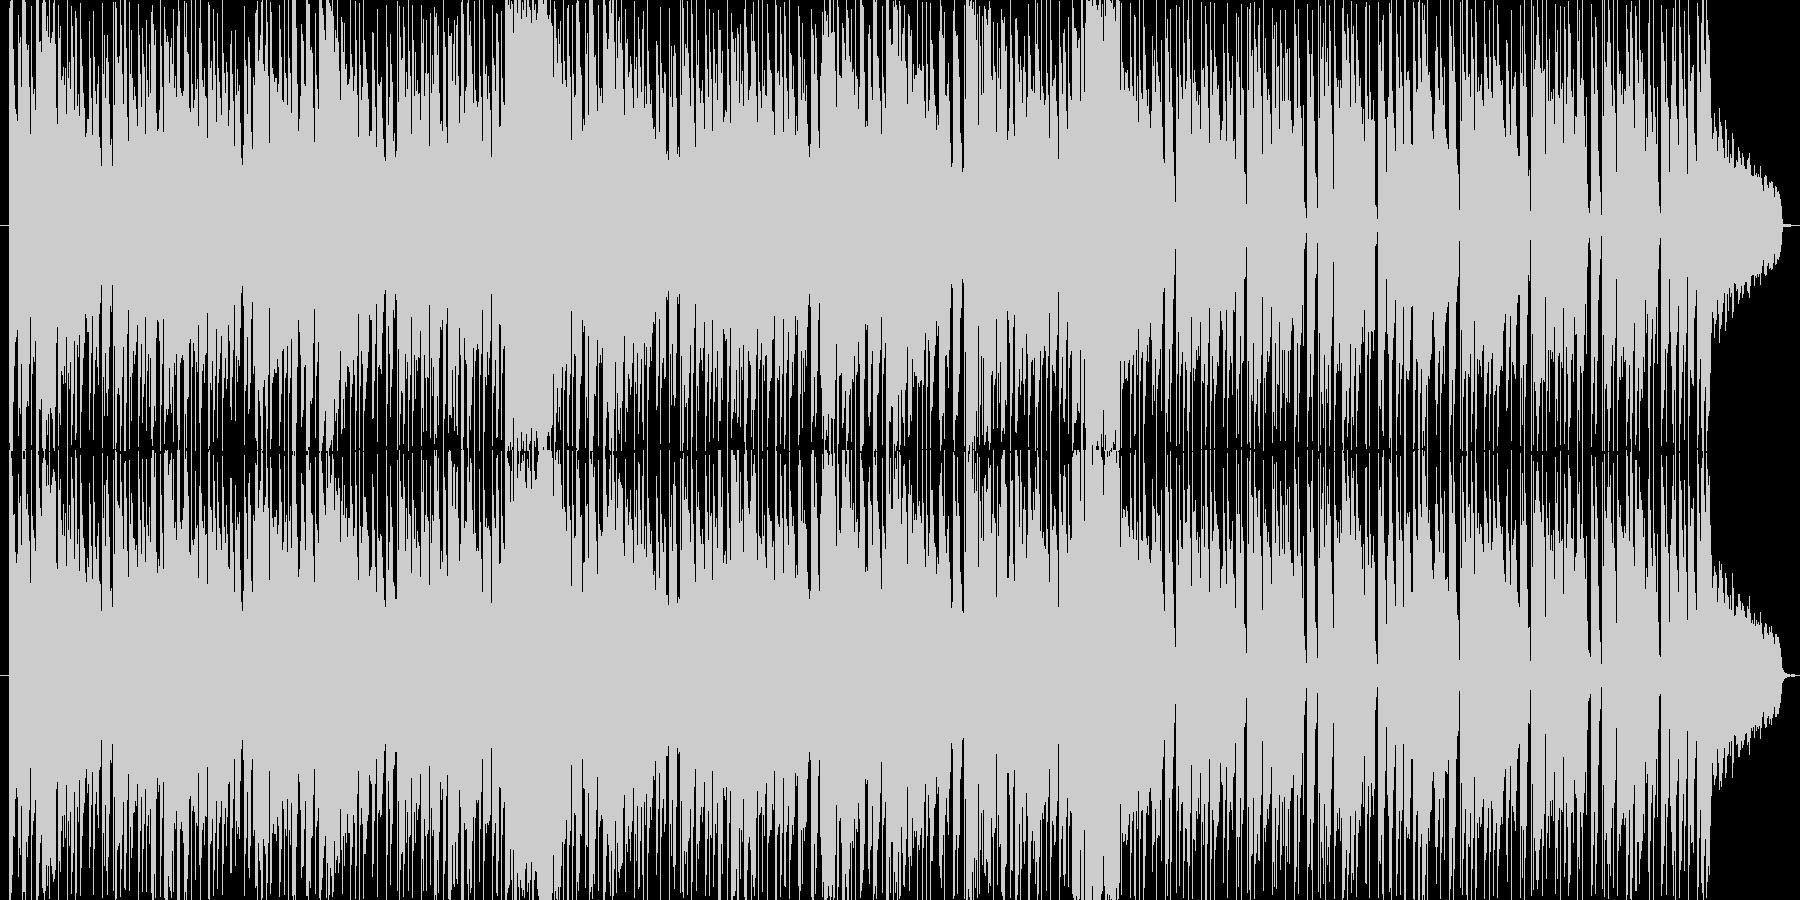 サックスがかっこいいおしゃれ曲の未再生の波形